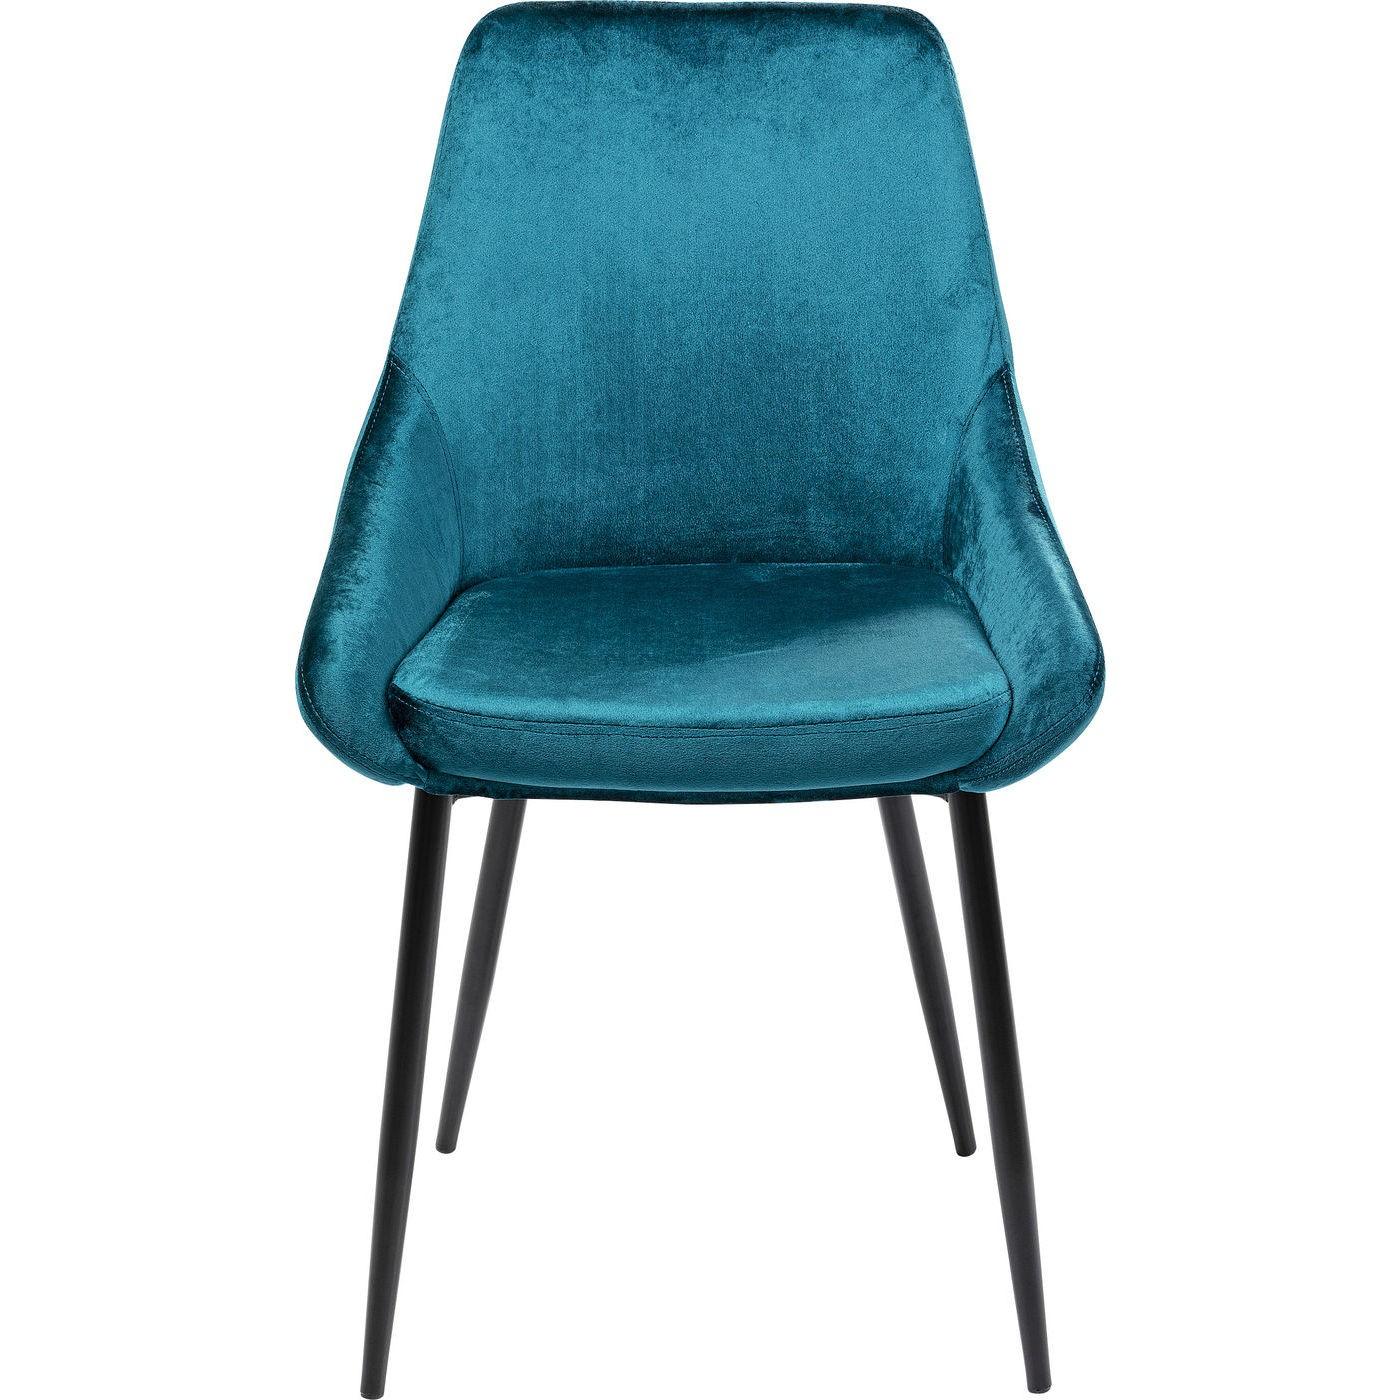 Chaise en velours bleu-vert et acier